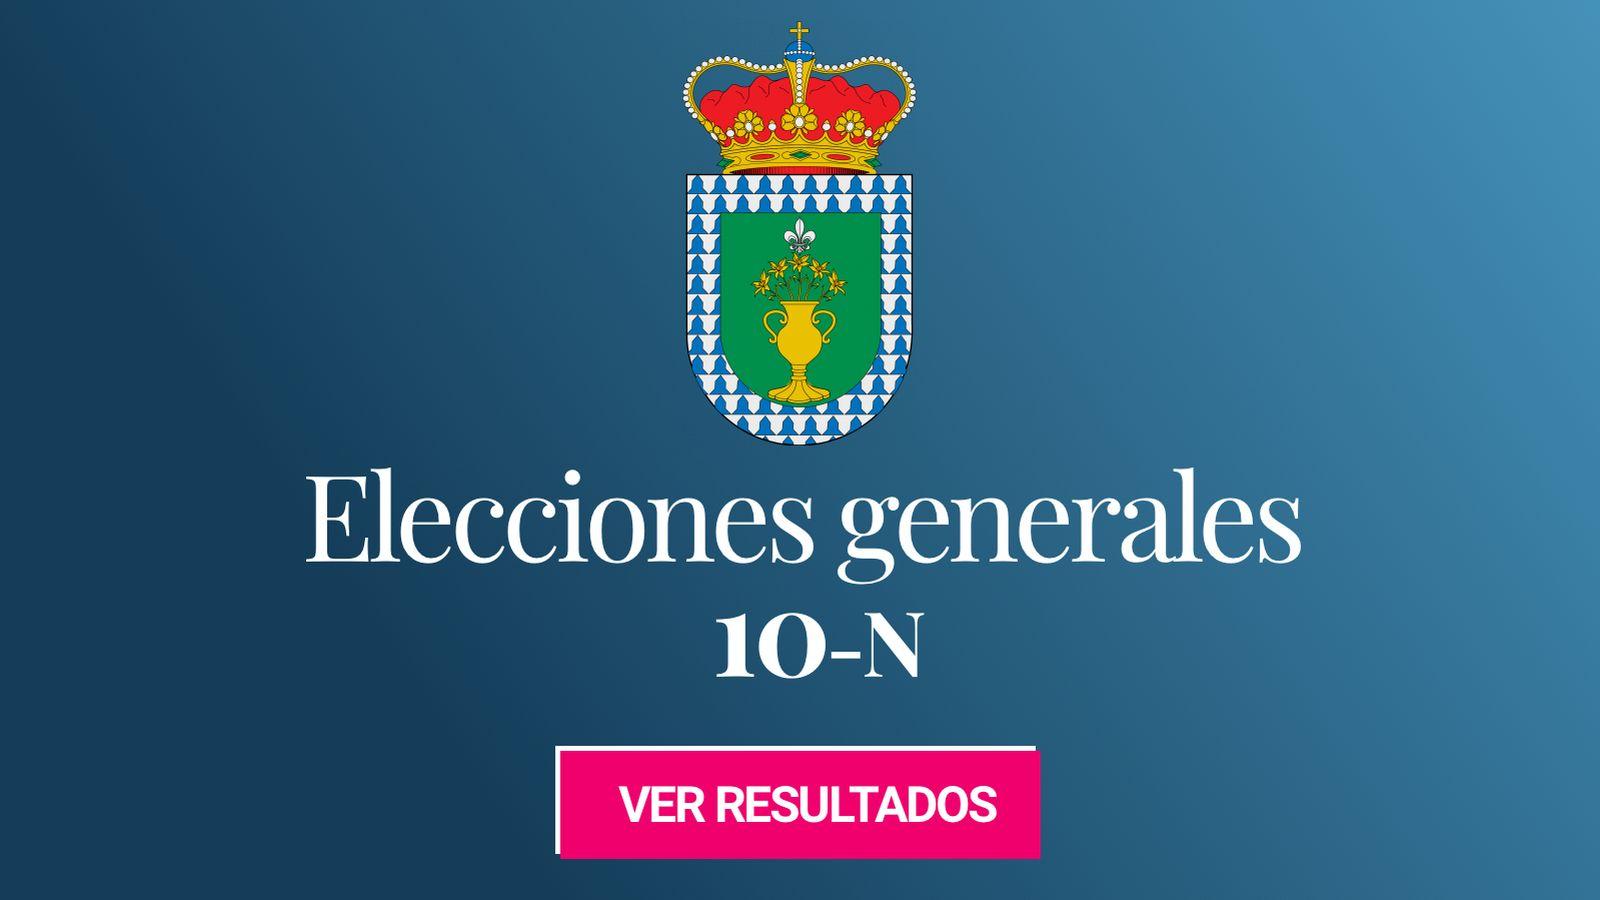 Foto: Elecciones generales 2019 en Siero. (C.C./EC)